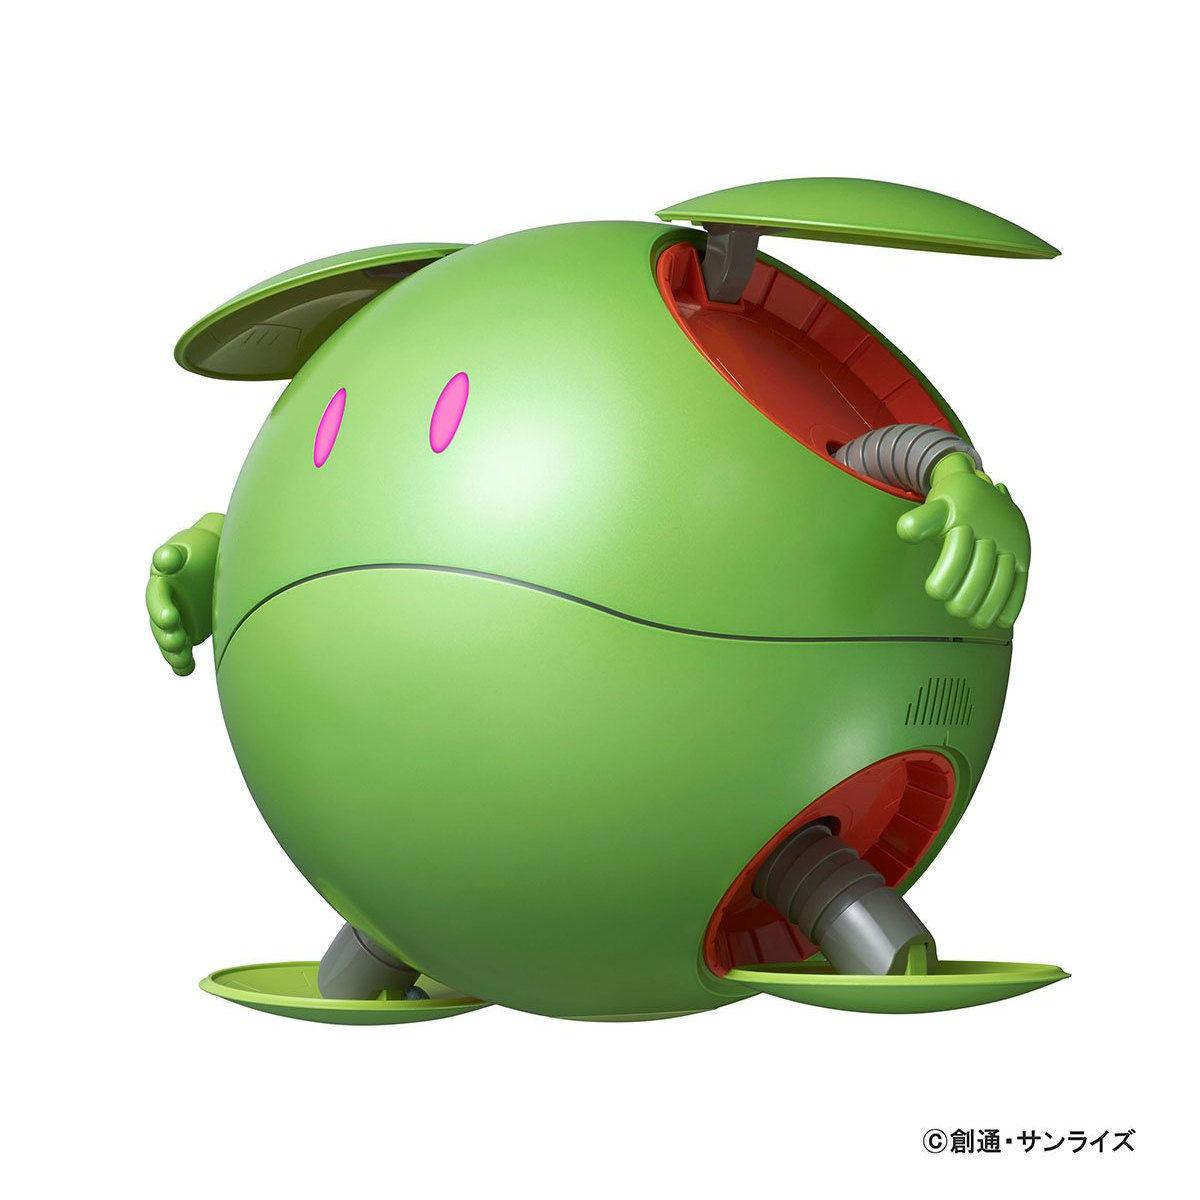 機動戦士ガンダム『ガンシェルジュ ハロ』コミュニケーションロボット-001